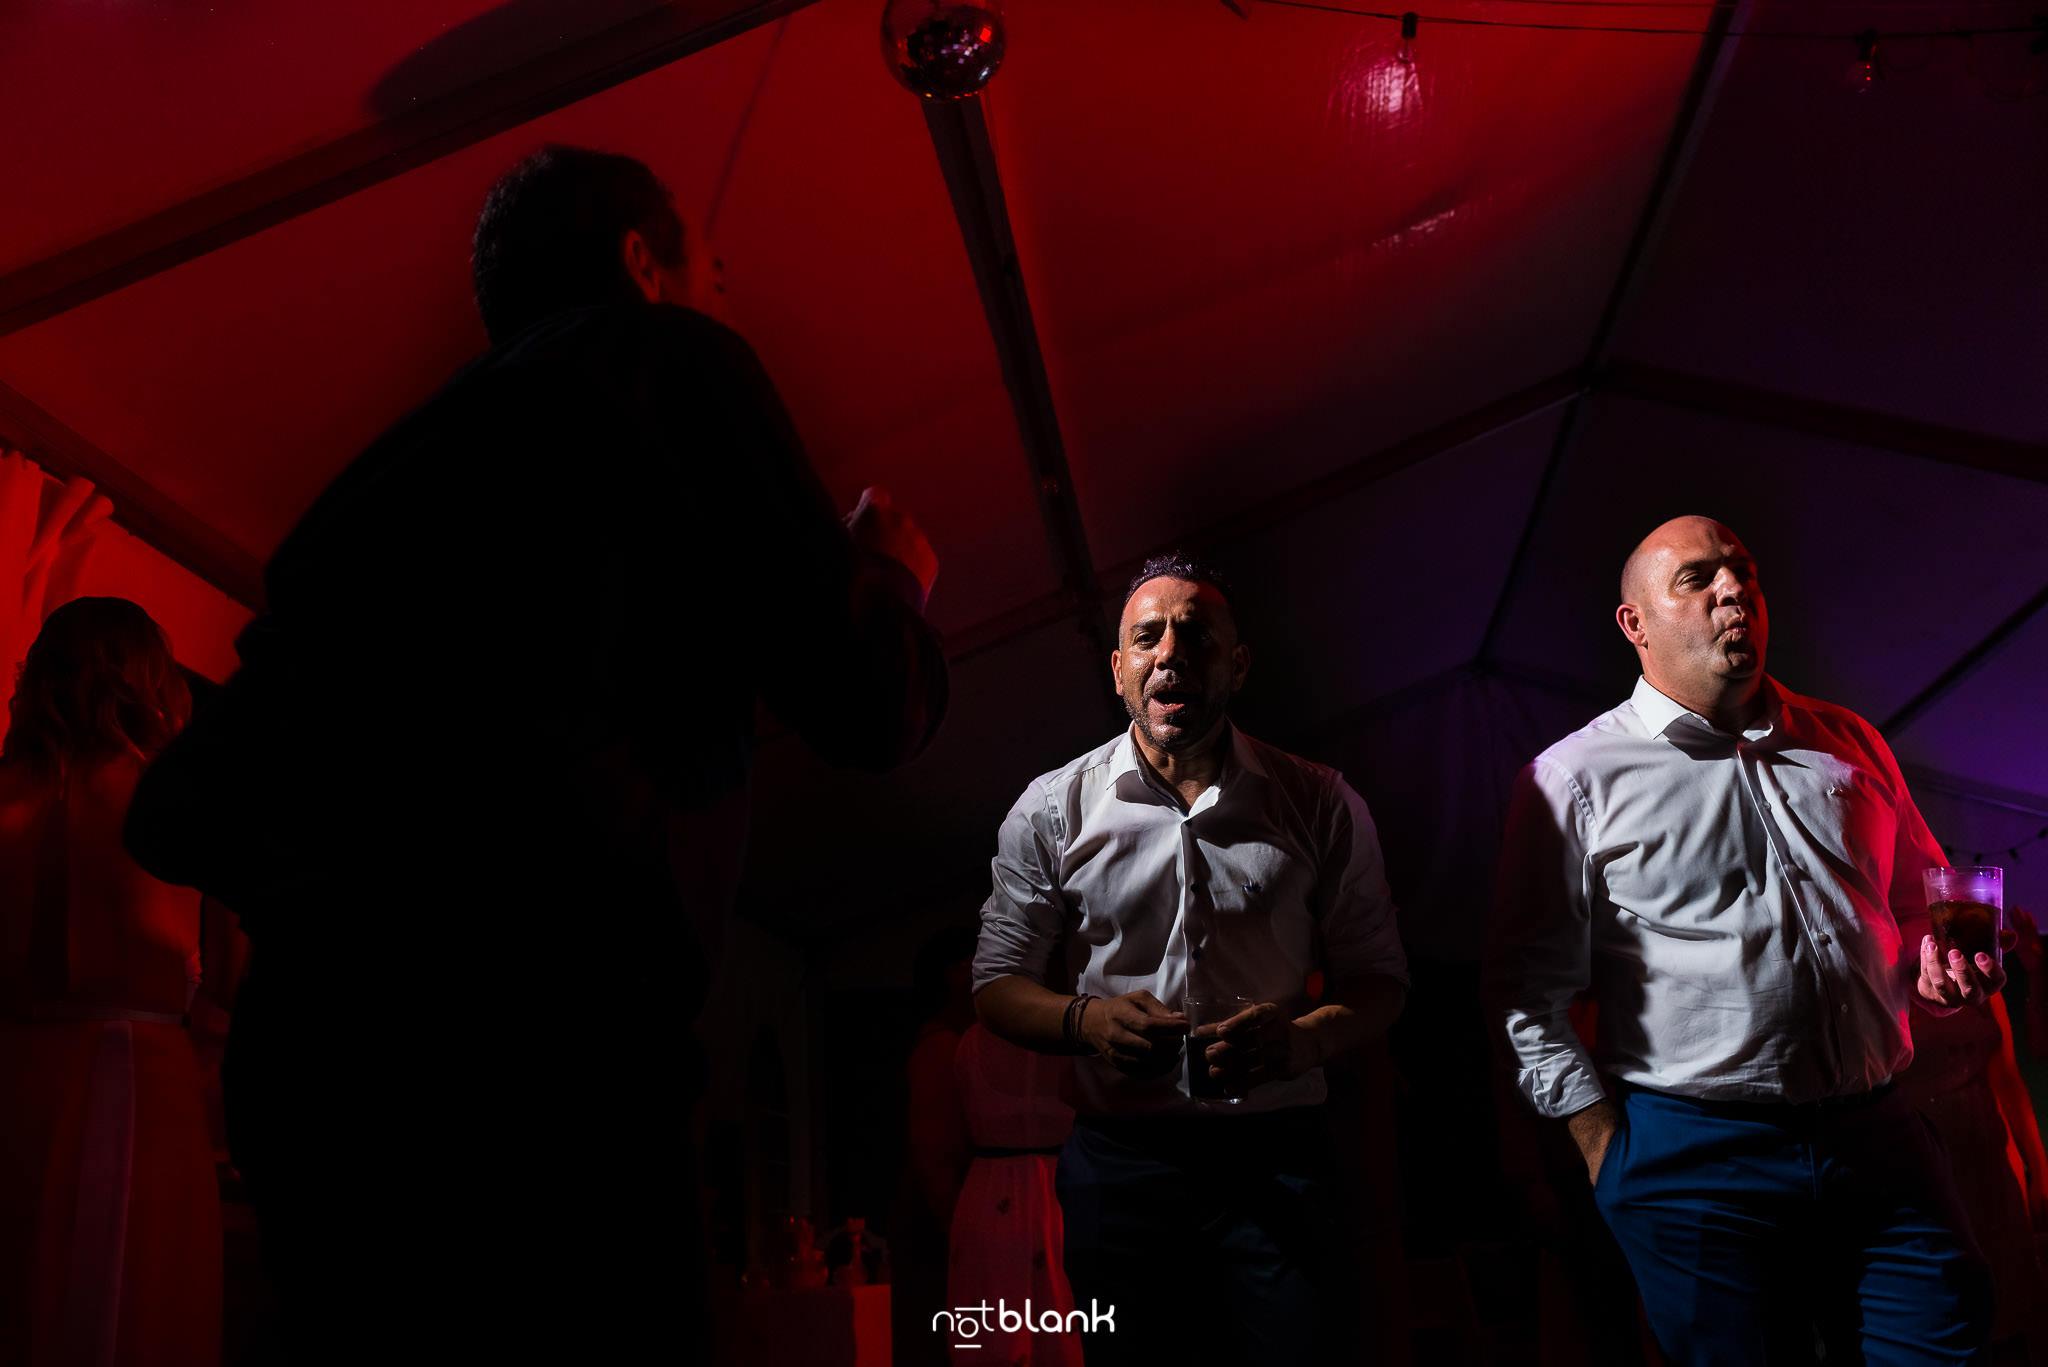 Boda En El Jardin De Casa Jana y Fran - Los invitados disfrutan de la fiesta bailando a tope al ritmo de la musica - Notblank Fotografos de boda